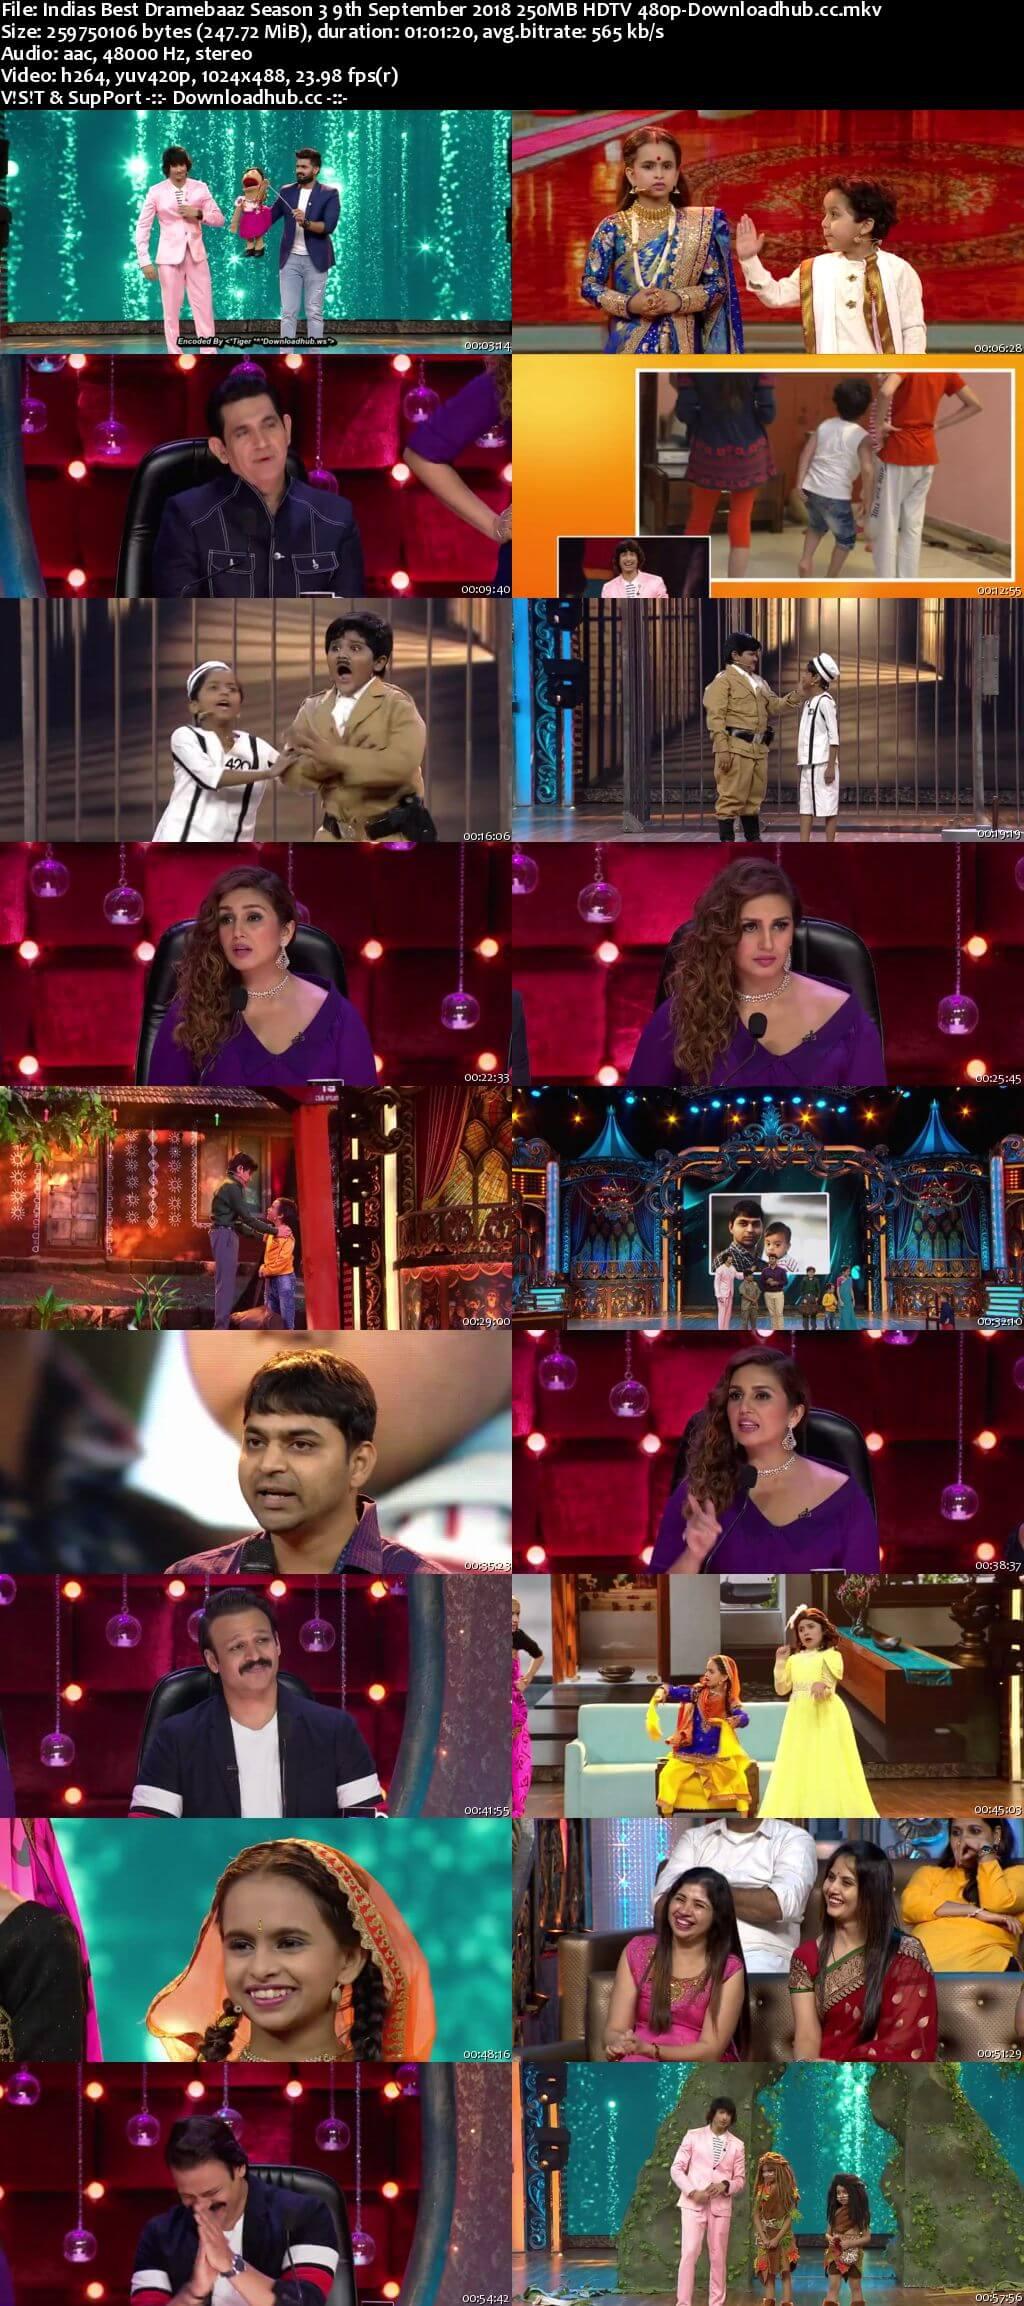 Indias Best Dramebaaz Season 3 09 September 2018 Episode 22 HDTV 480p